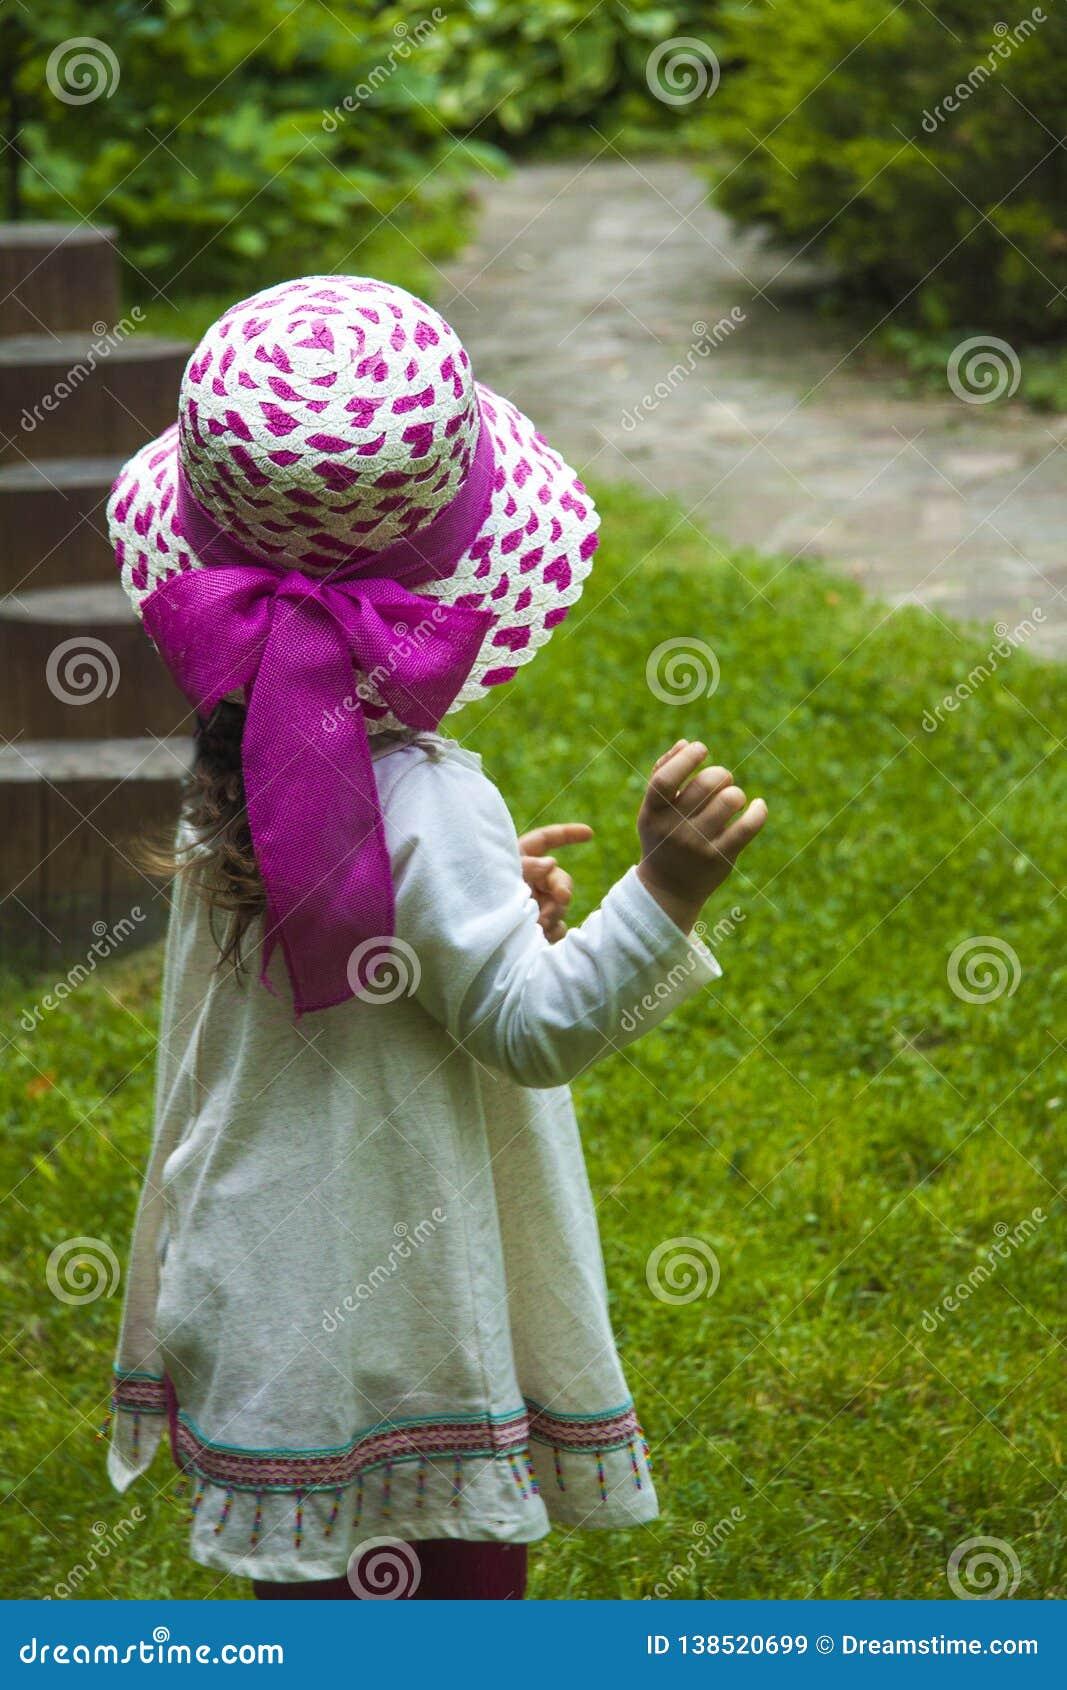 Meisjeskind in de zomerkleding en roze hoed voor een gang, mening van de rug